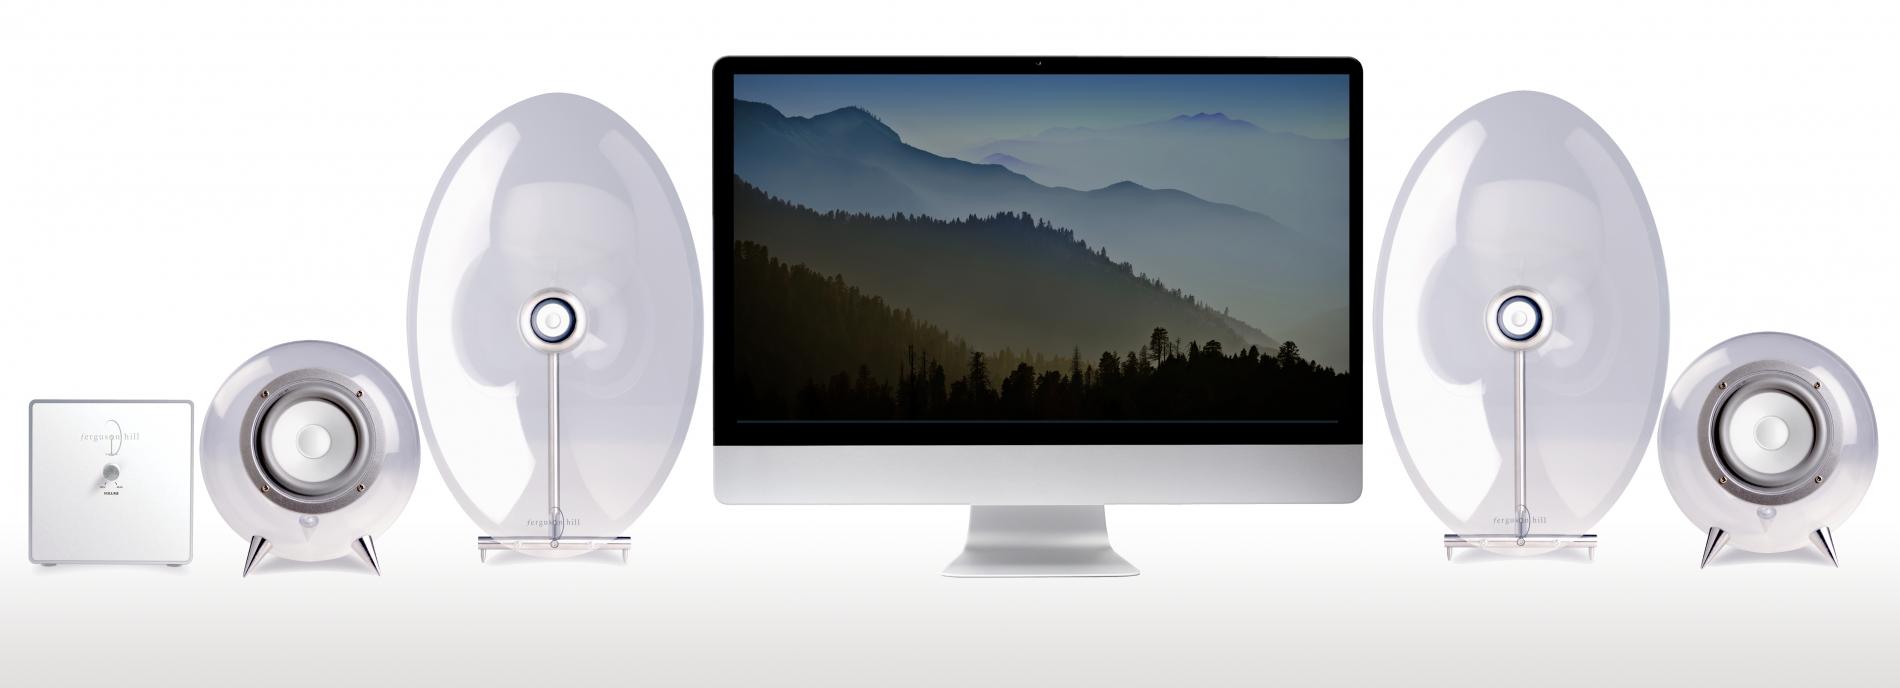 iMac+FHOO7 cropped